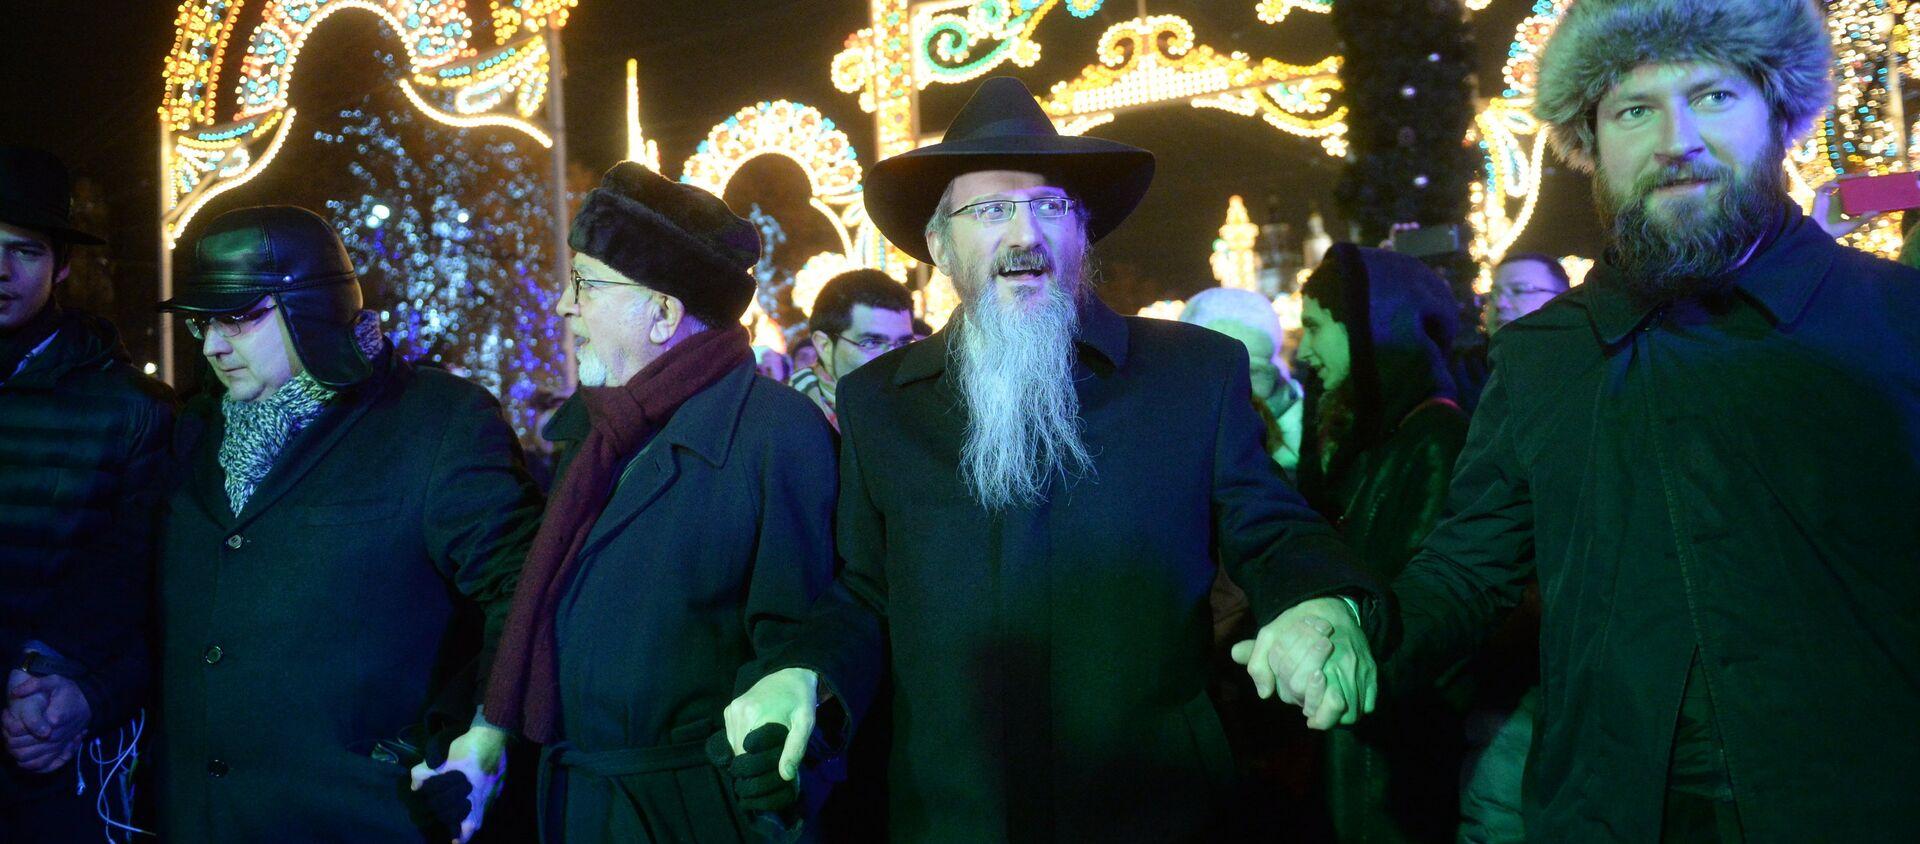 Żydzi w Moskwie - Sputnik Polska, 1920, 30.04.2021